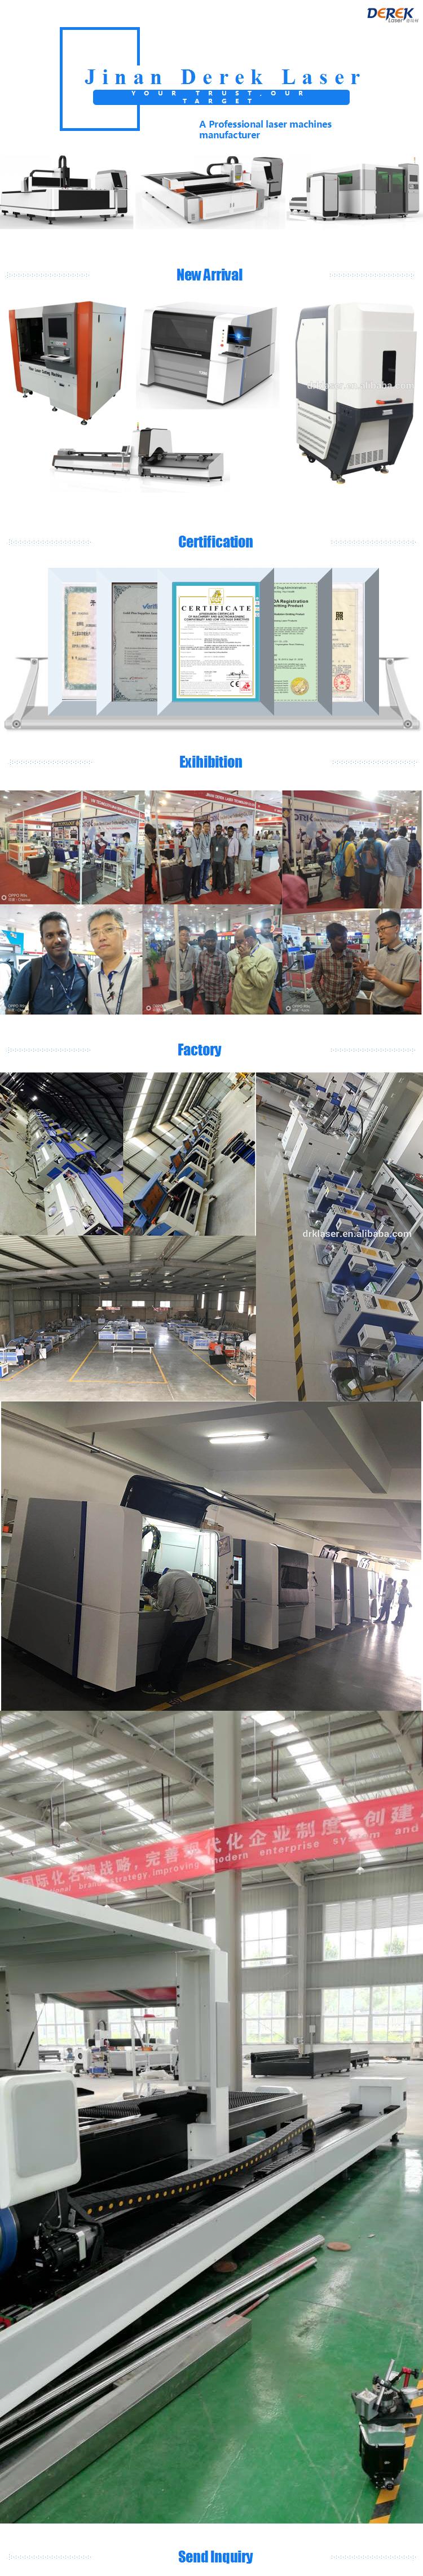 미니 CE 승인 MDF 나무 아크릴 레이저 커터 80w 100w 150w CO2 cnc 1390 6090 레이저 절단 기계 가격 레이저 cnc